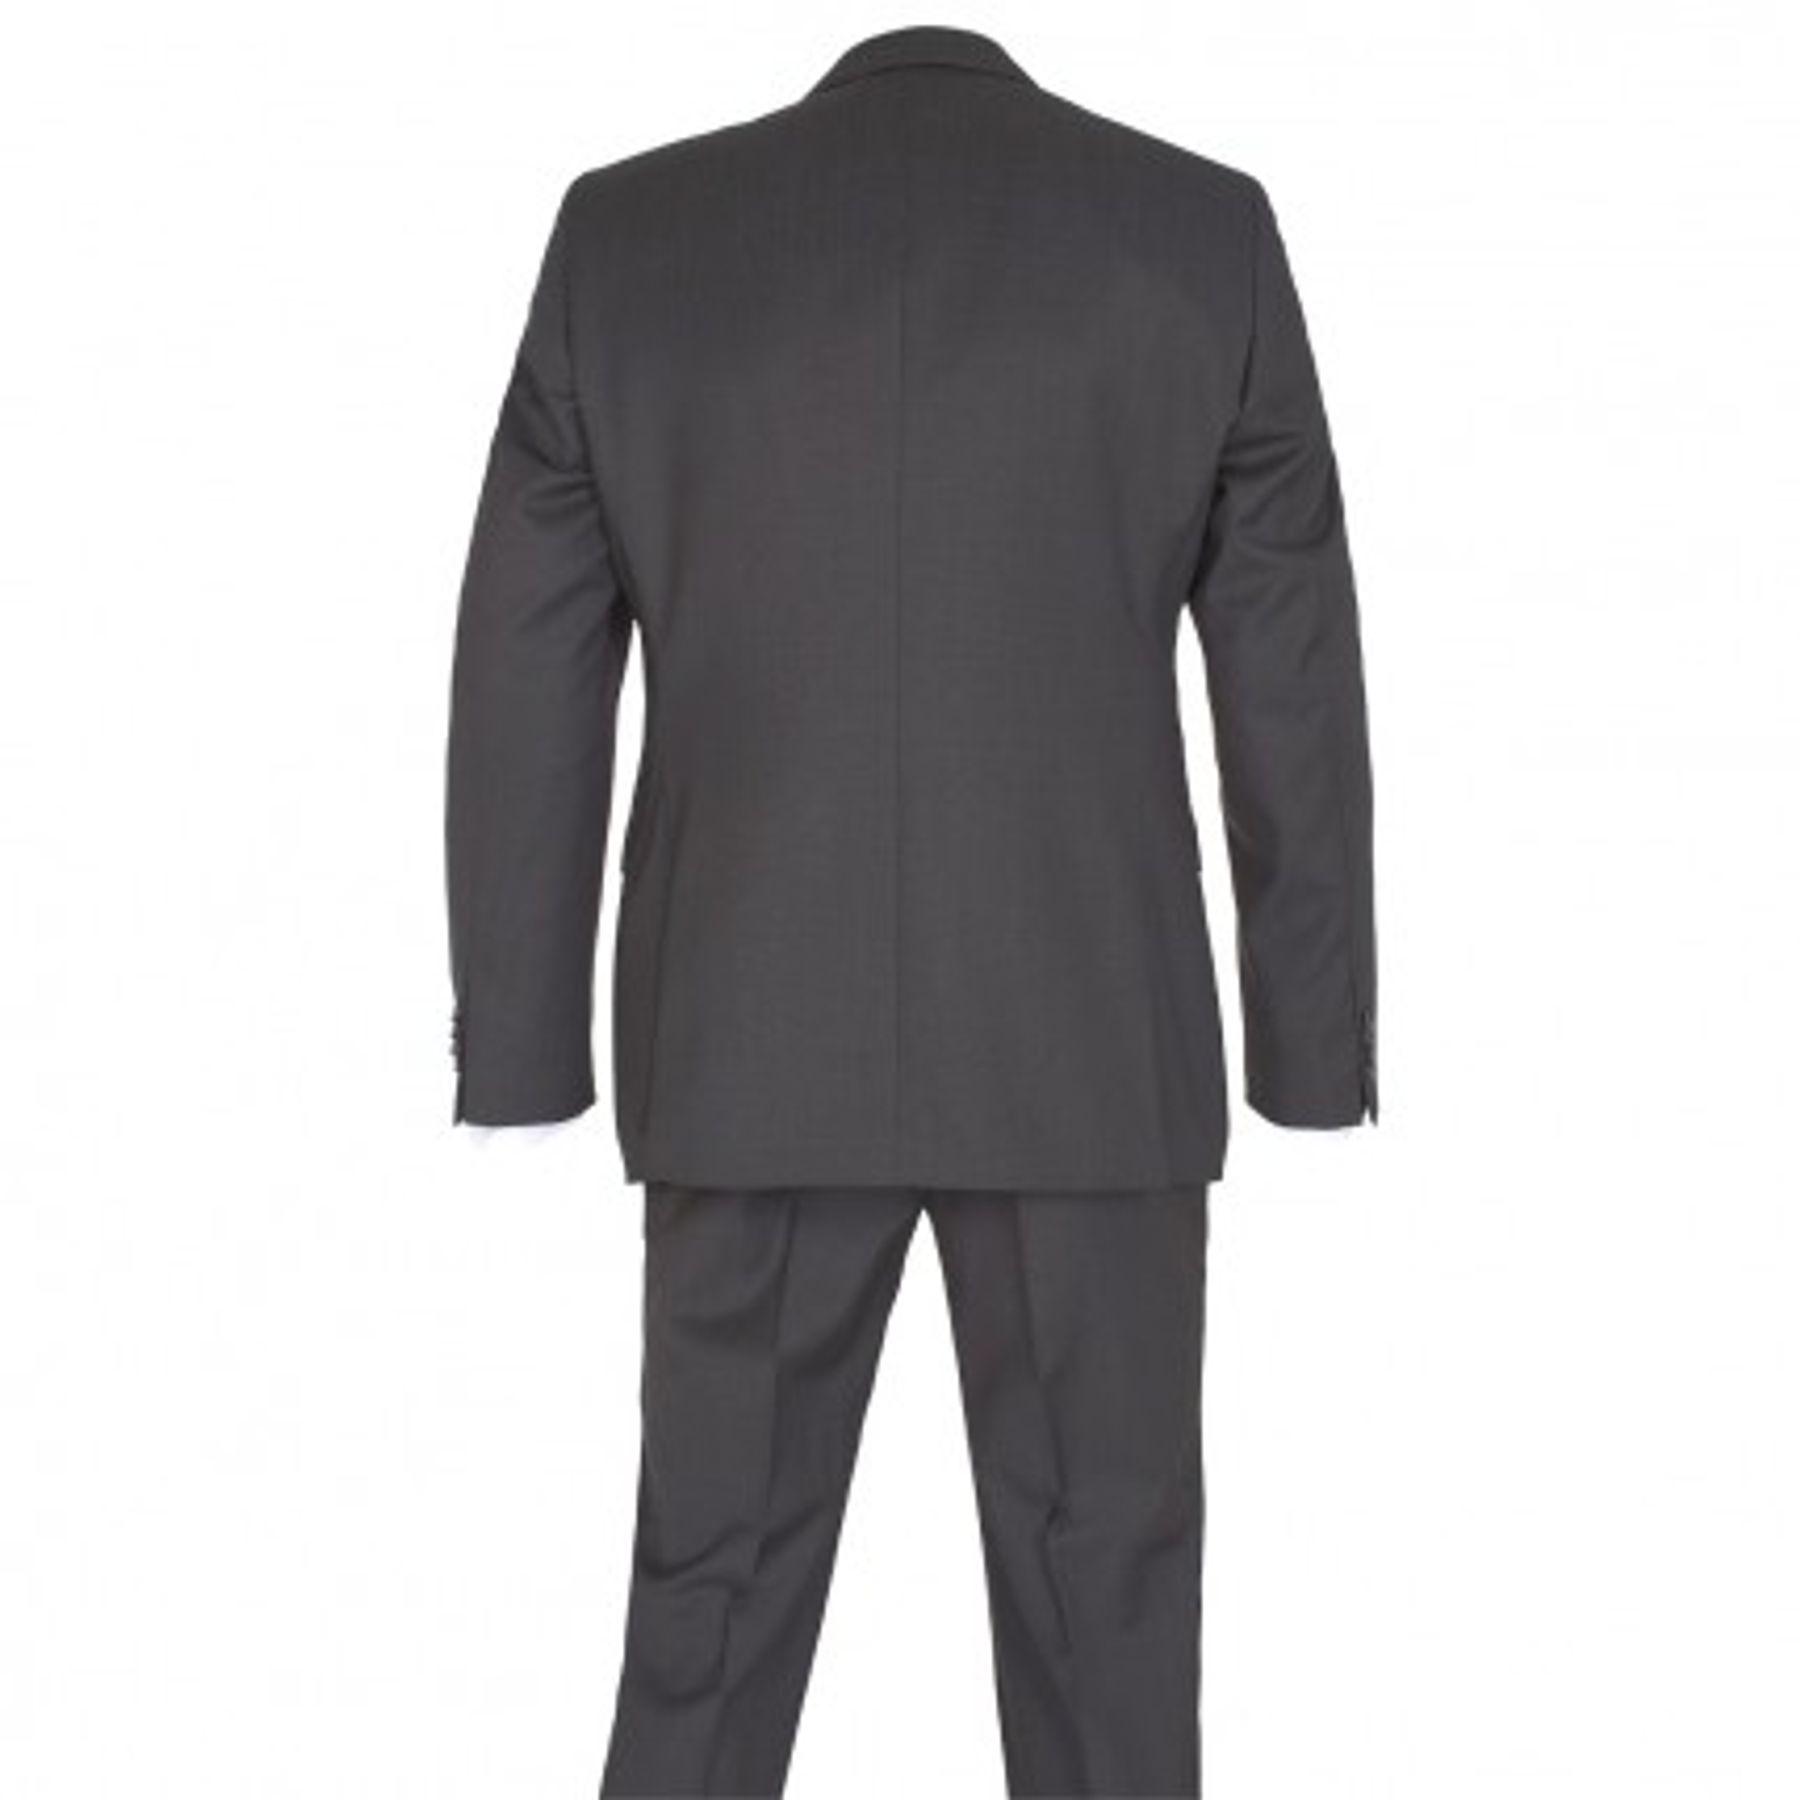 Benvenuto Black - Modern Fit - Herren Baukasten Anzug gemustert aus Super 100'S Schurwolle, (20711, Modell: 62100, 62400) – Bild 2